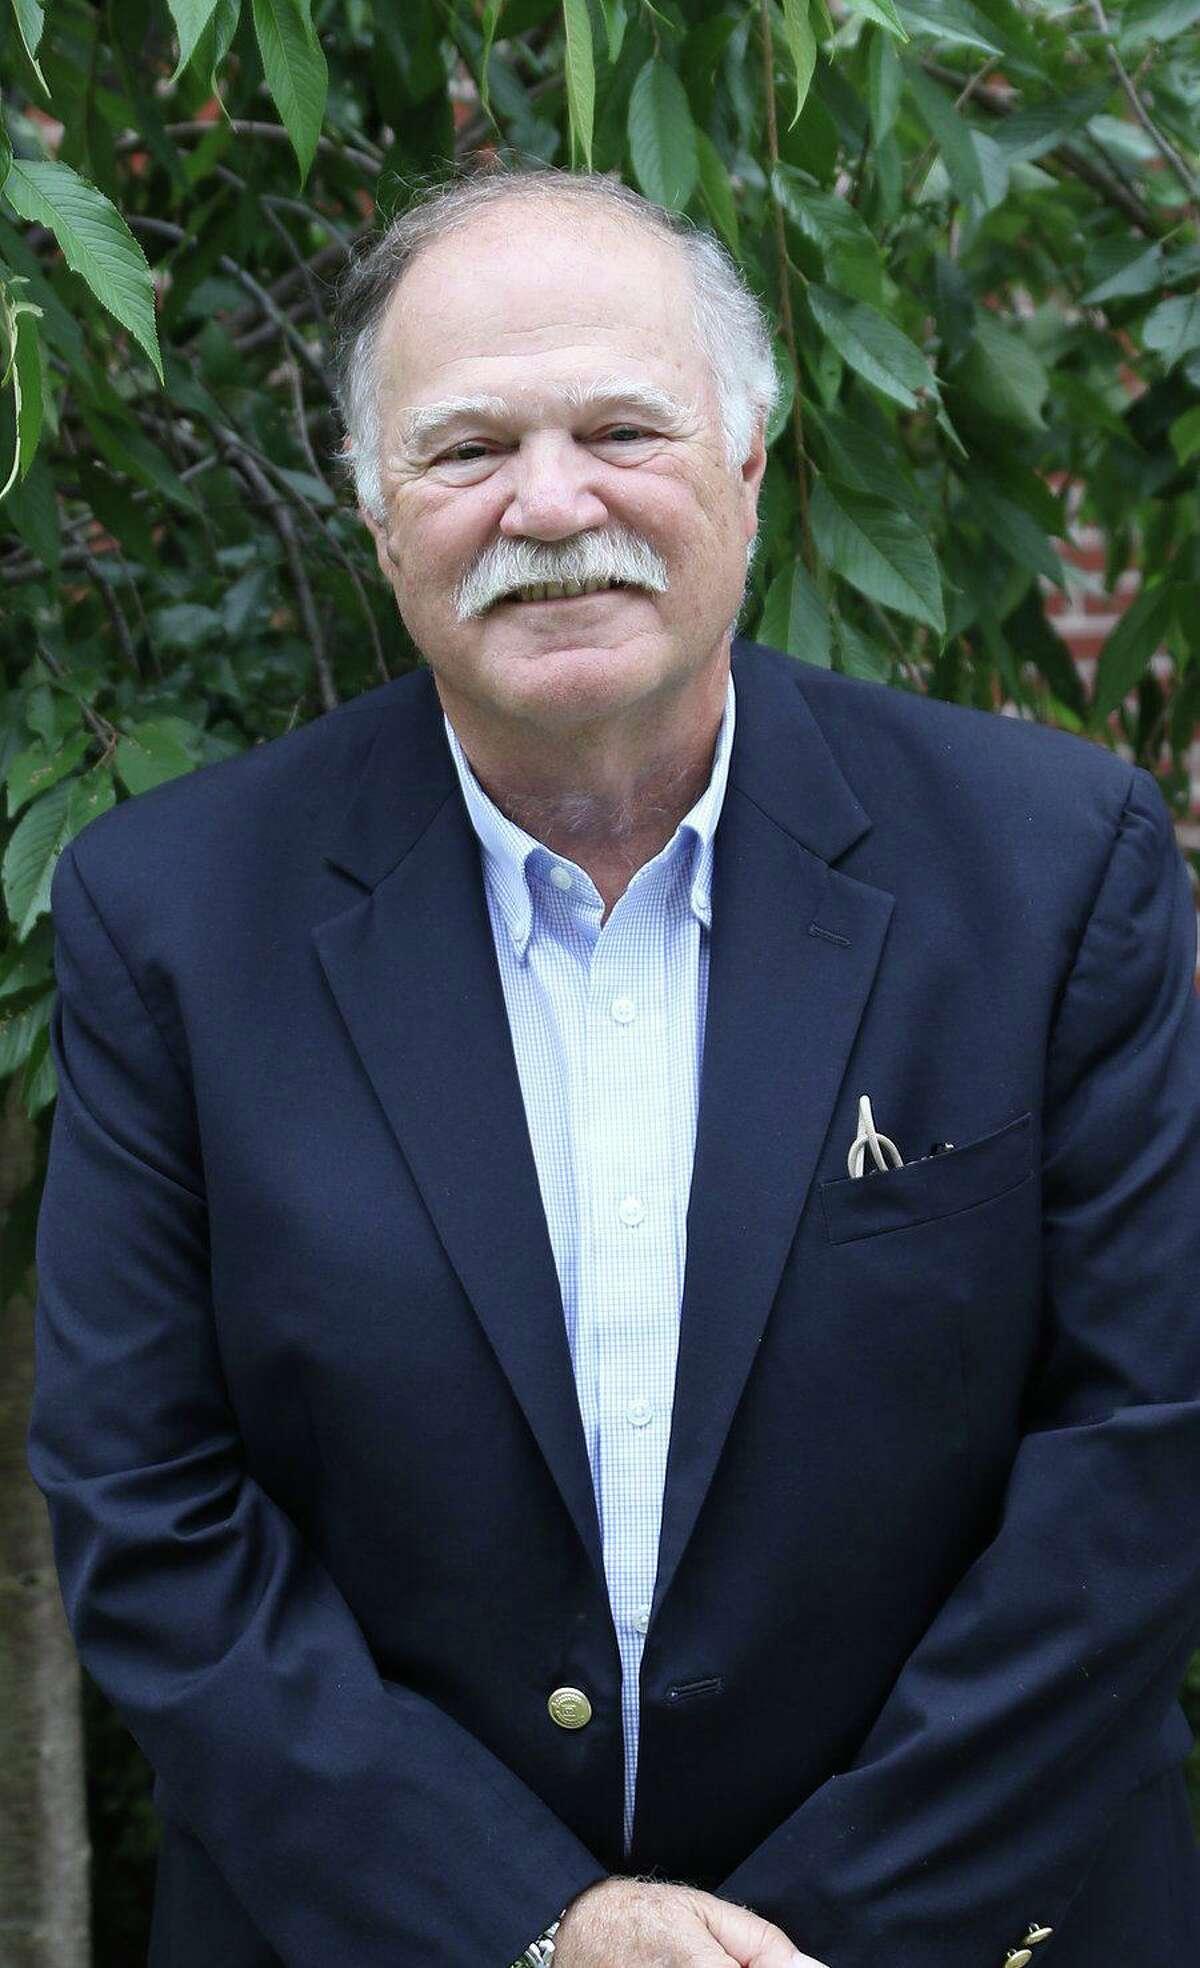 David Gioiello